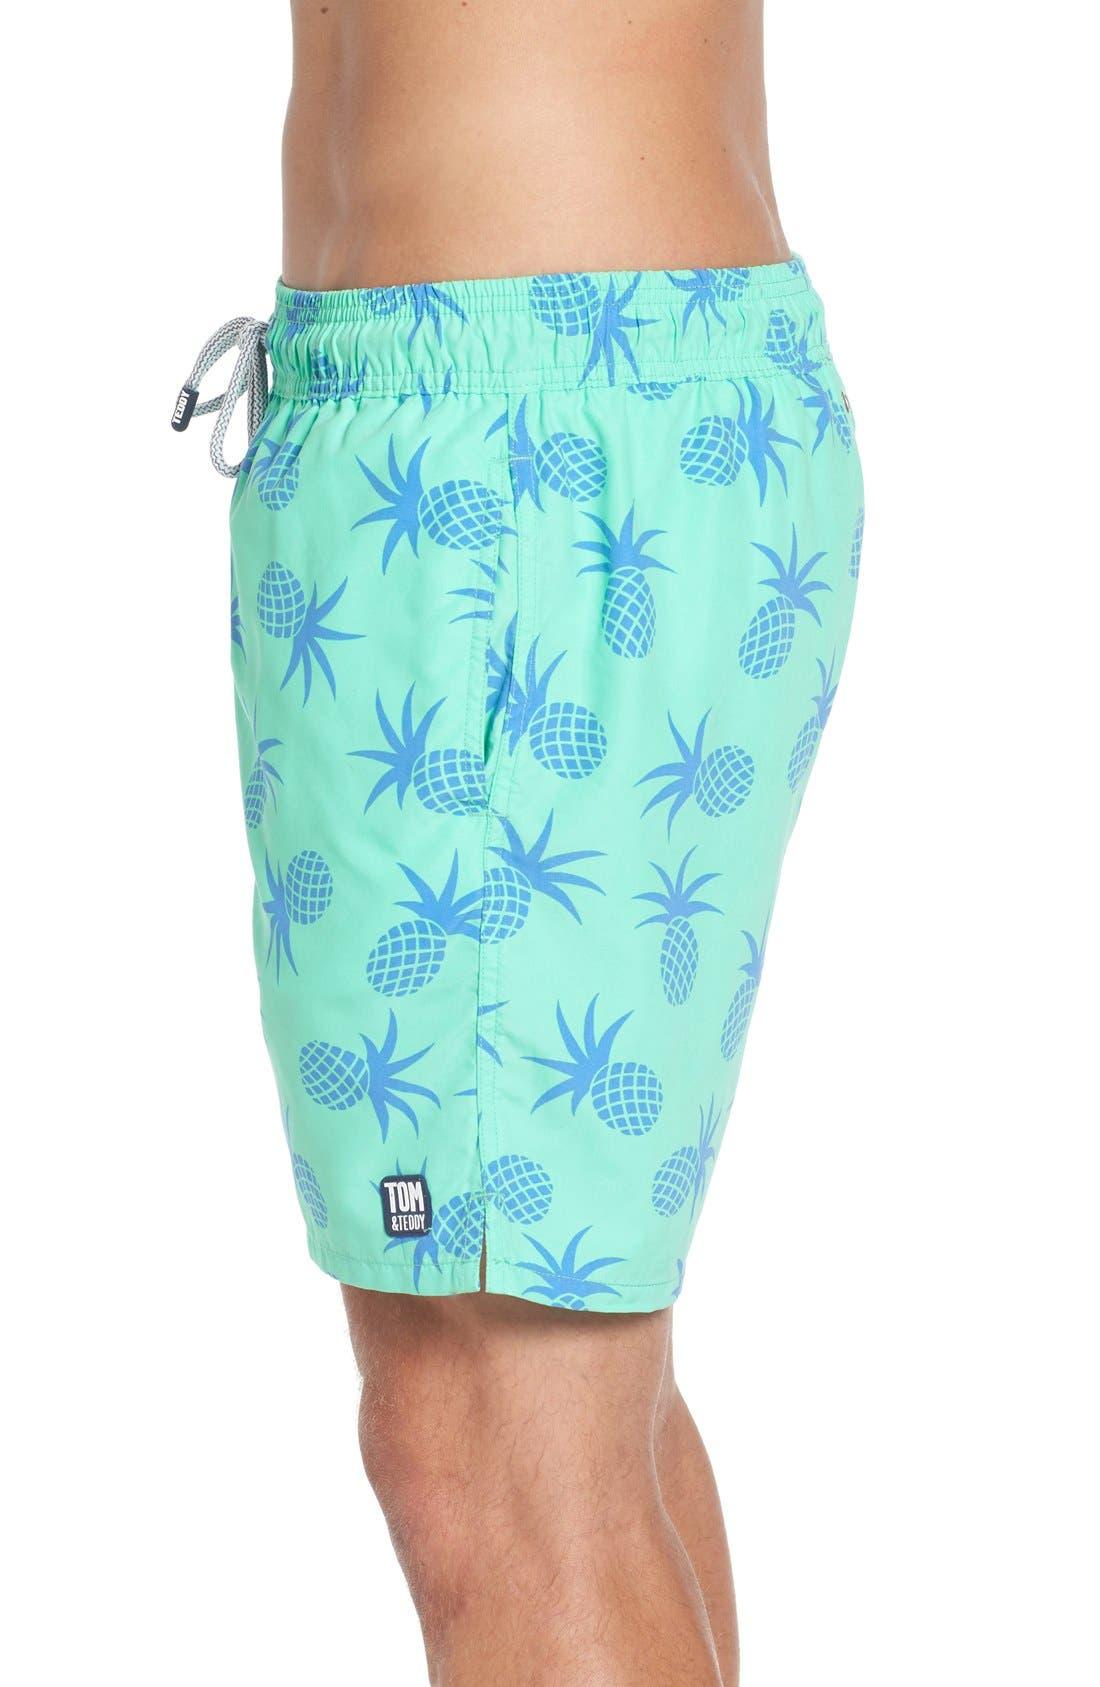 Pineapple Print Swim Trunks,                             Alternate thumbnail 3, color,                             Jade Green